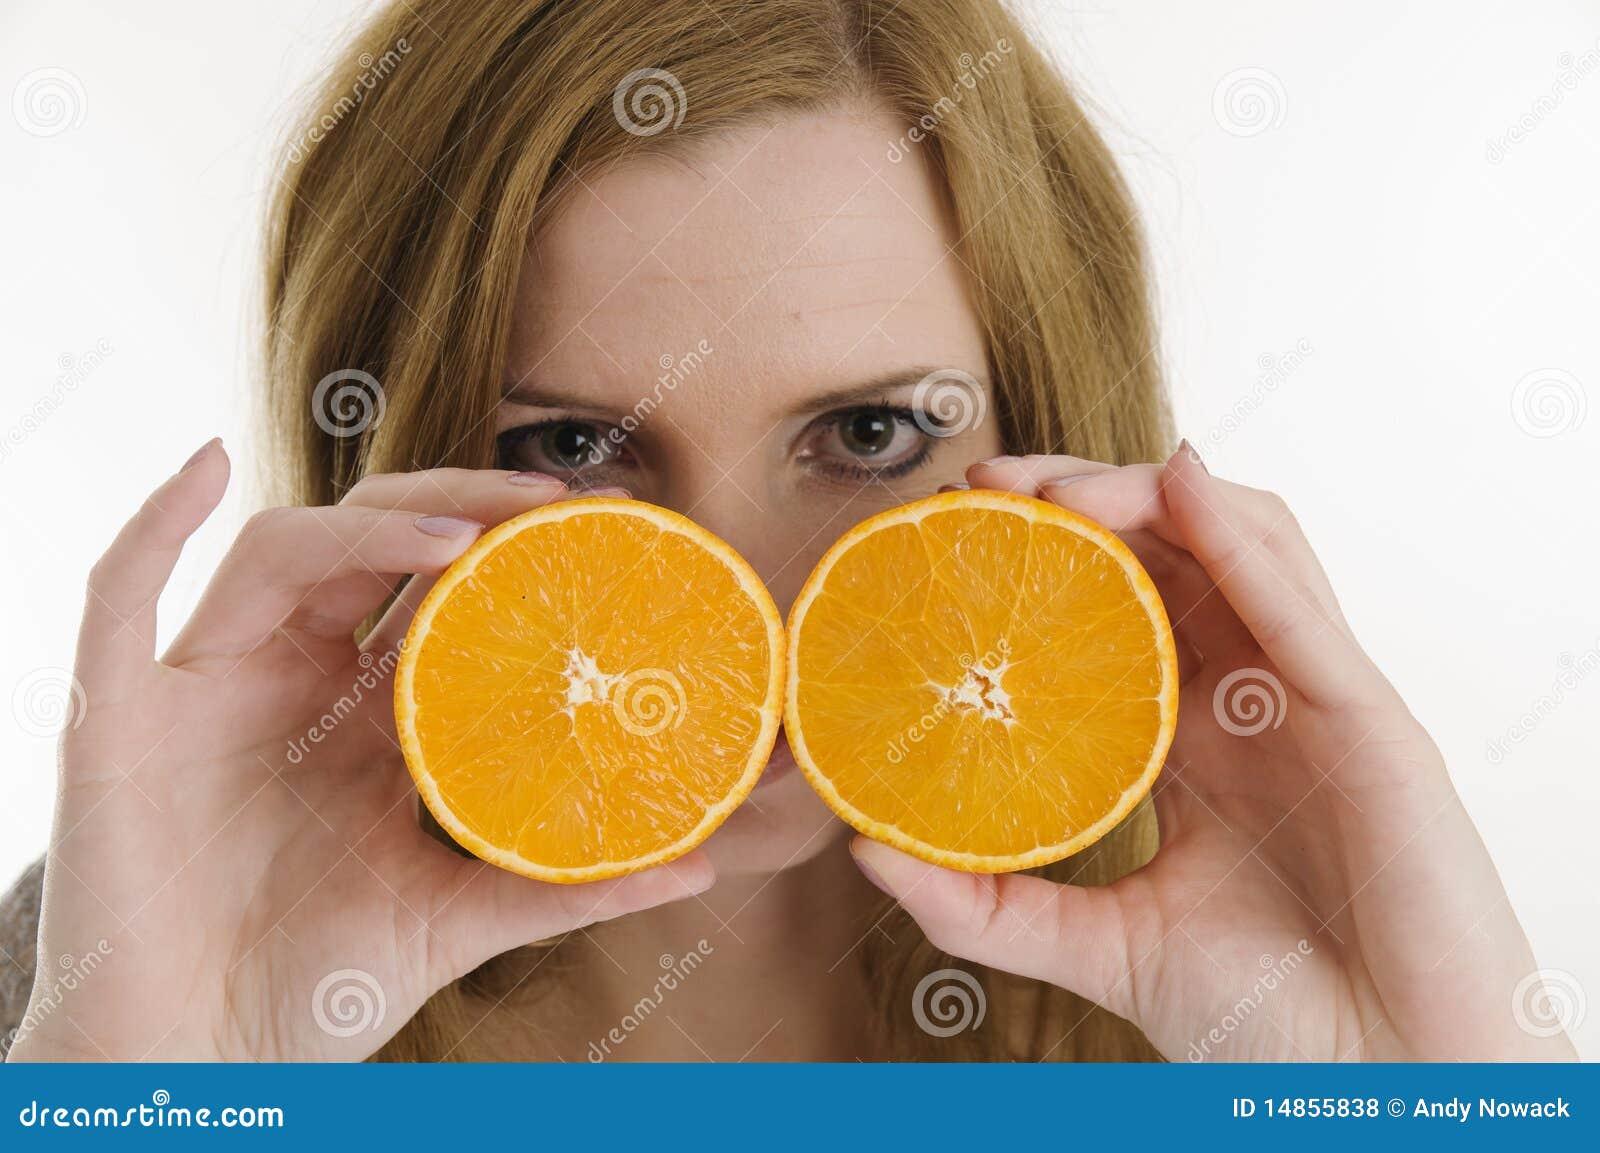 Behind the oranges